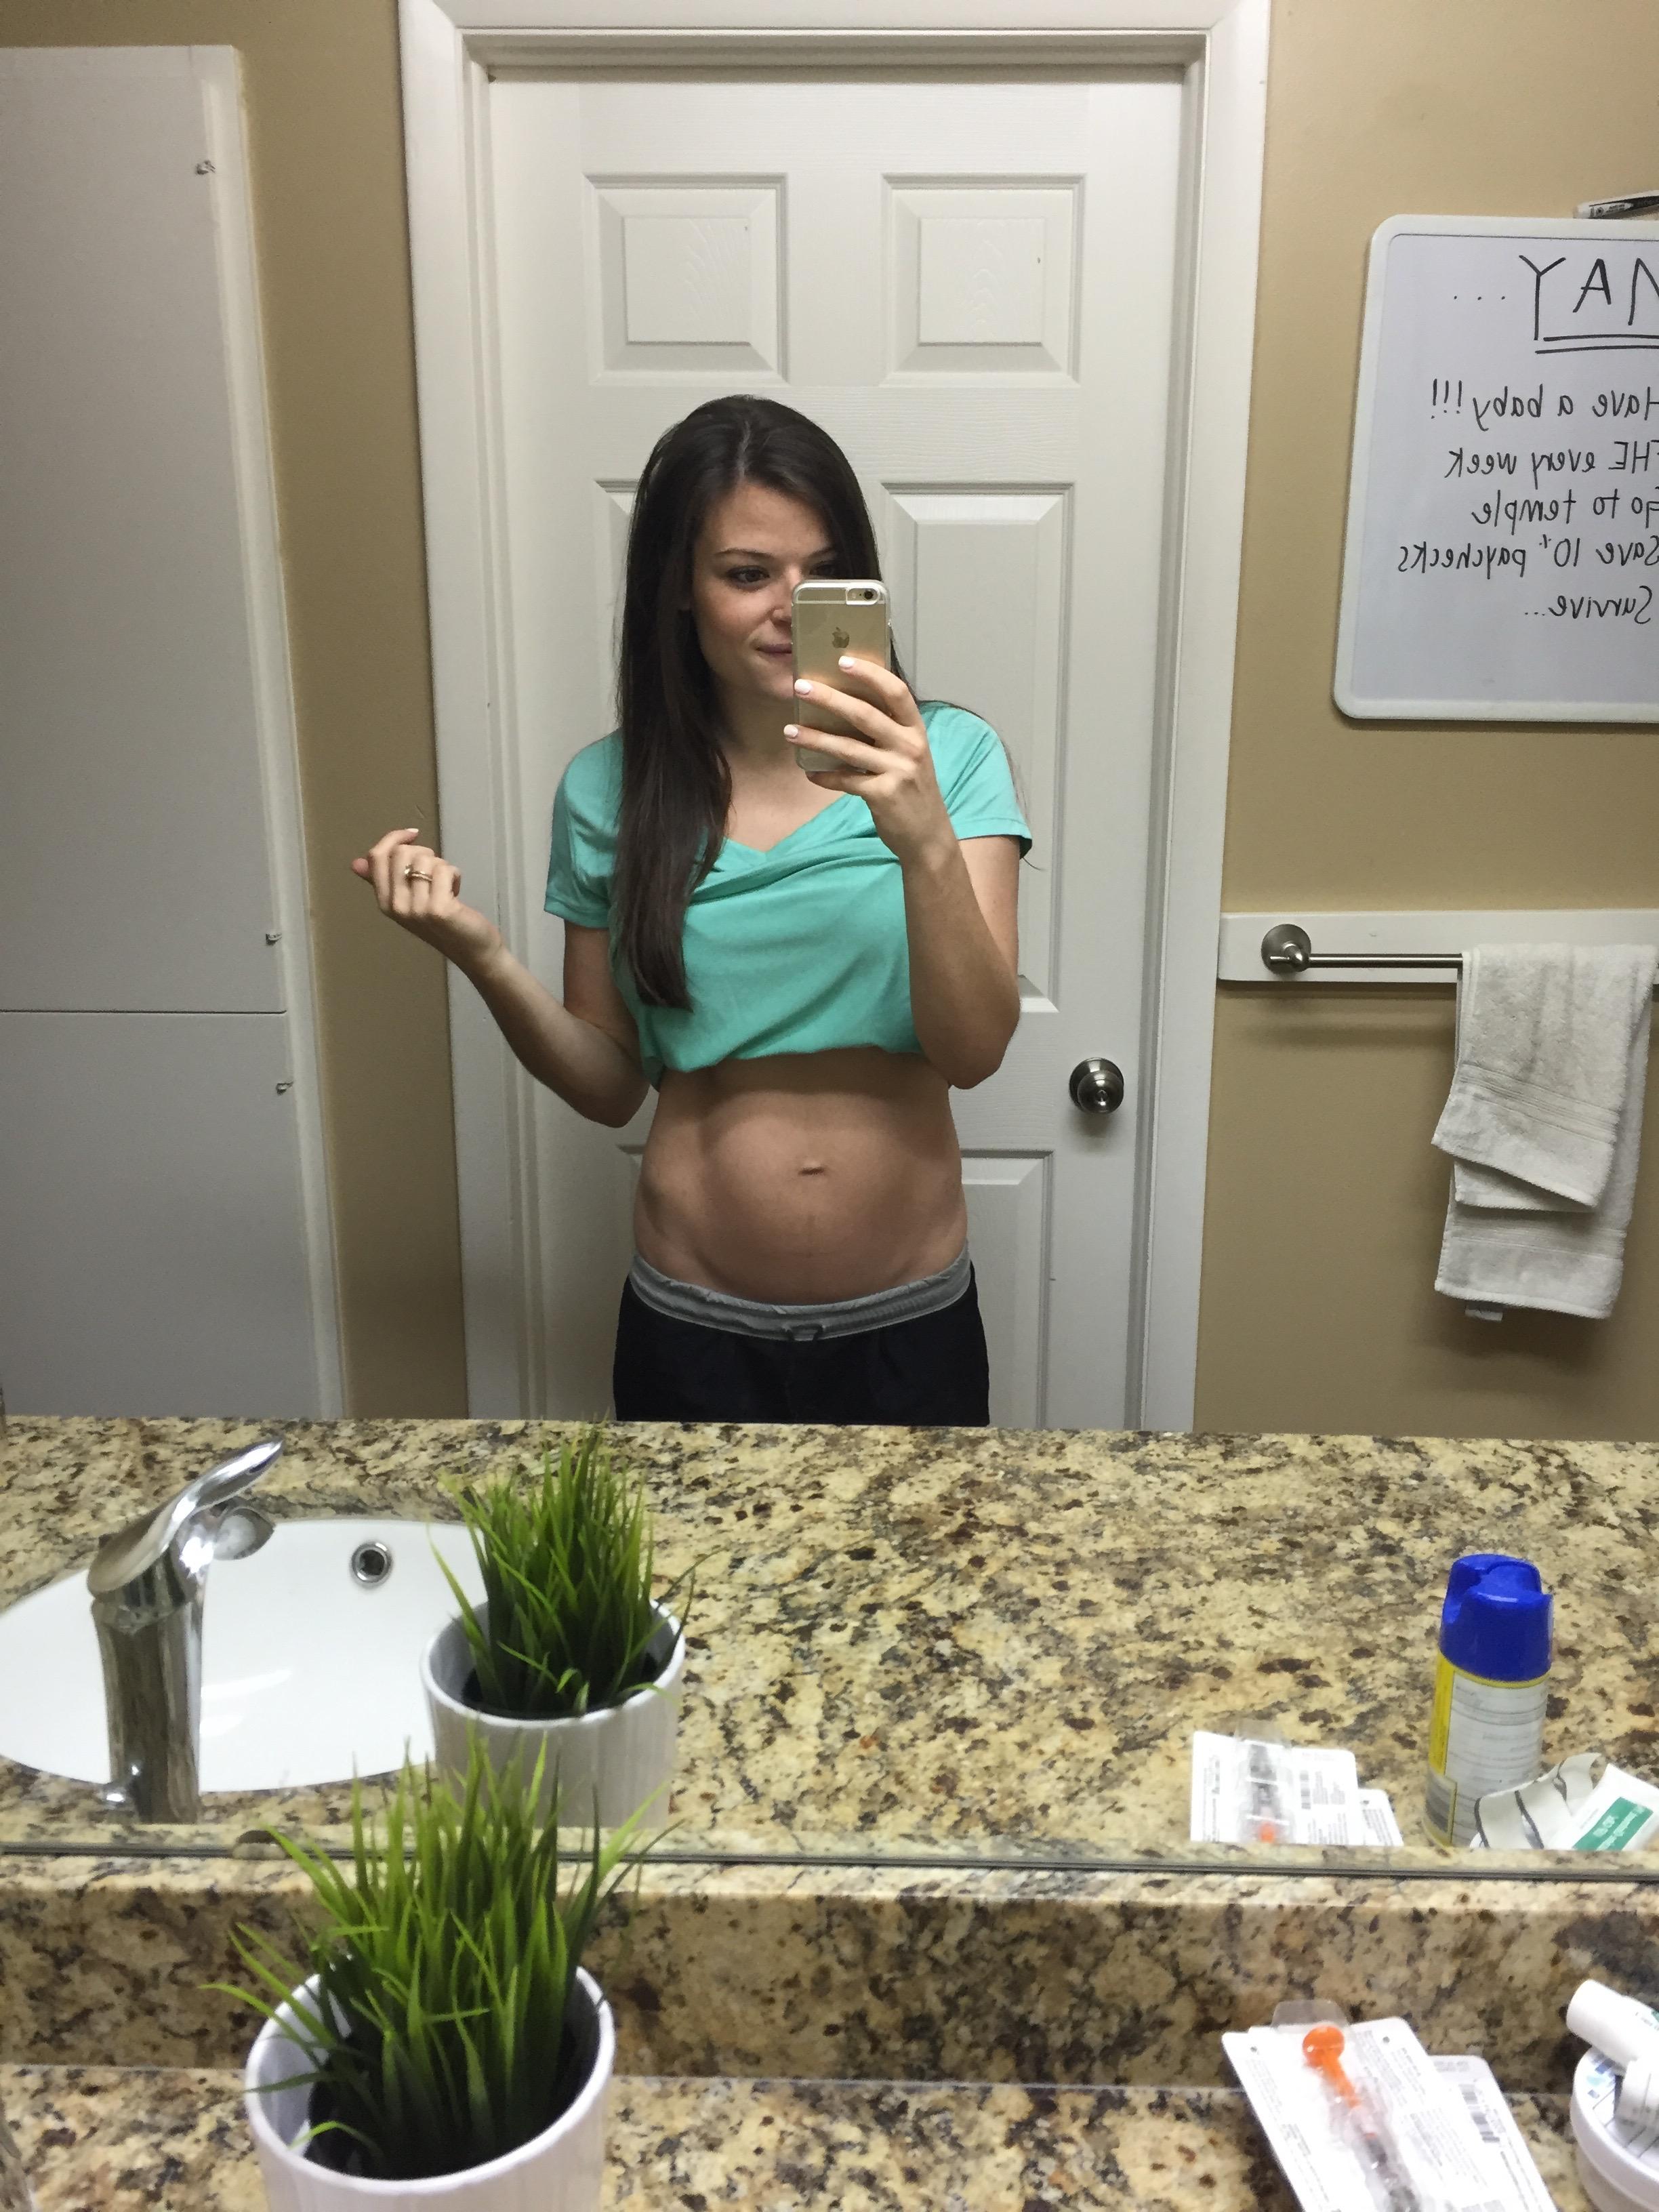 One week postpartum